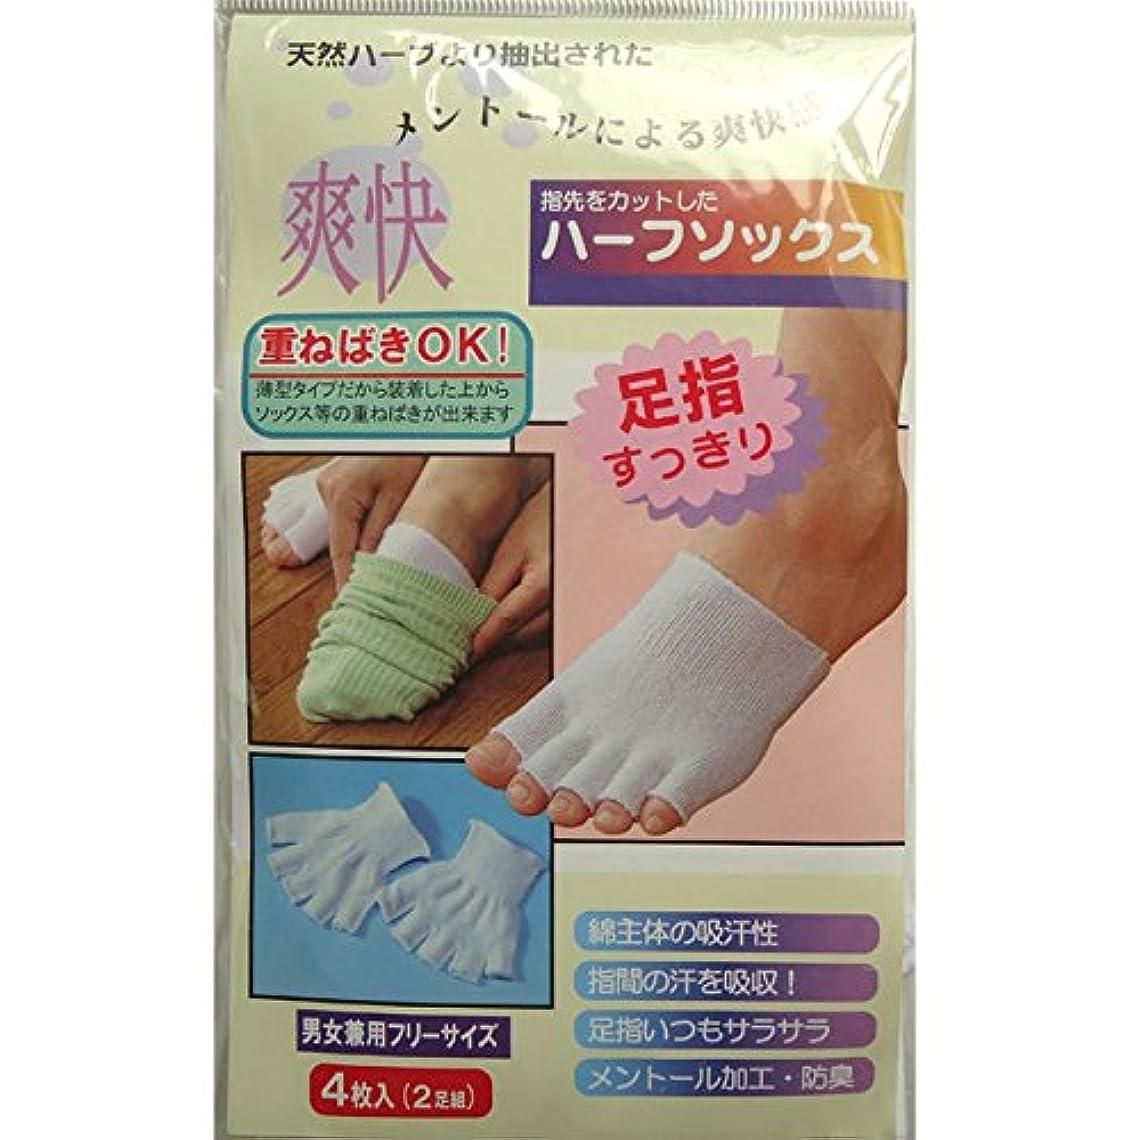 確立スチュワードマトリックス日本製 ハーフソックス 5本指 綿 抗菌防臭 メンズ レディースお買得2足組(ホワイト)